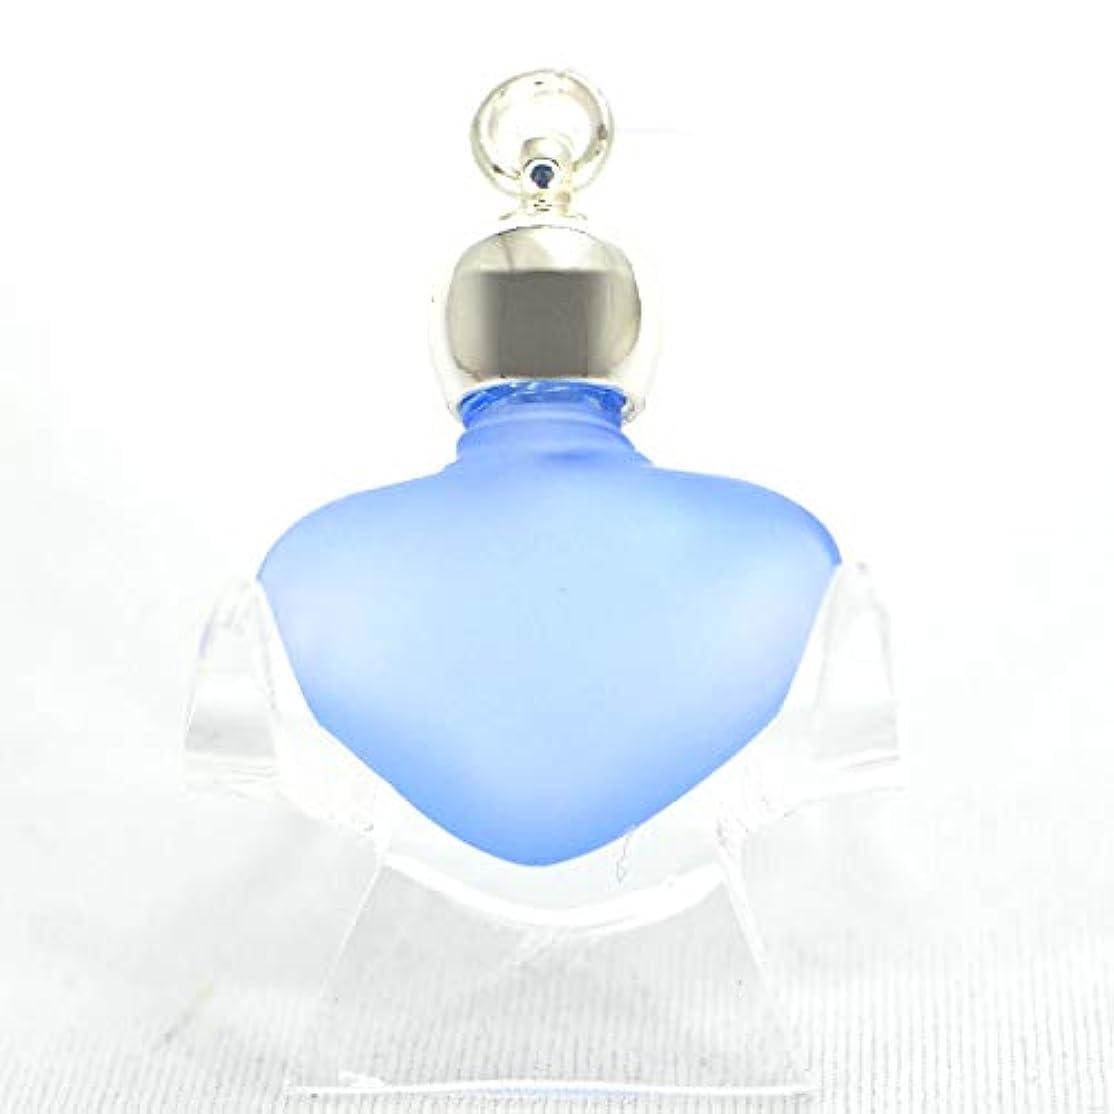 詳細に寸前発火するミニ香水瓶 アロマペンダントトップ ハートブルーフロスト(青すりガラス)0.8ml?シルバー?穴あきキャップ、パッキン付属【アロマオイル?メモリーオイル入れにオススメ】